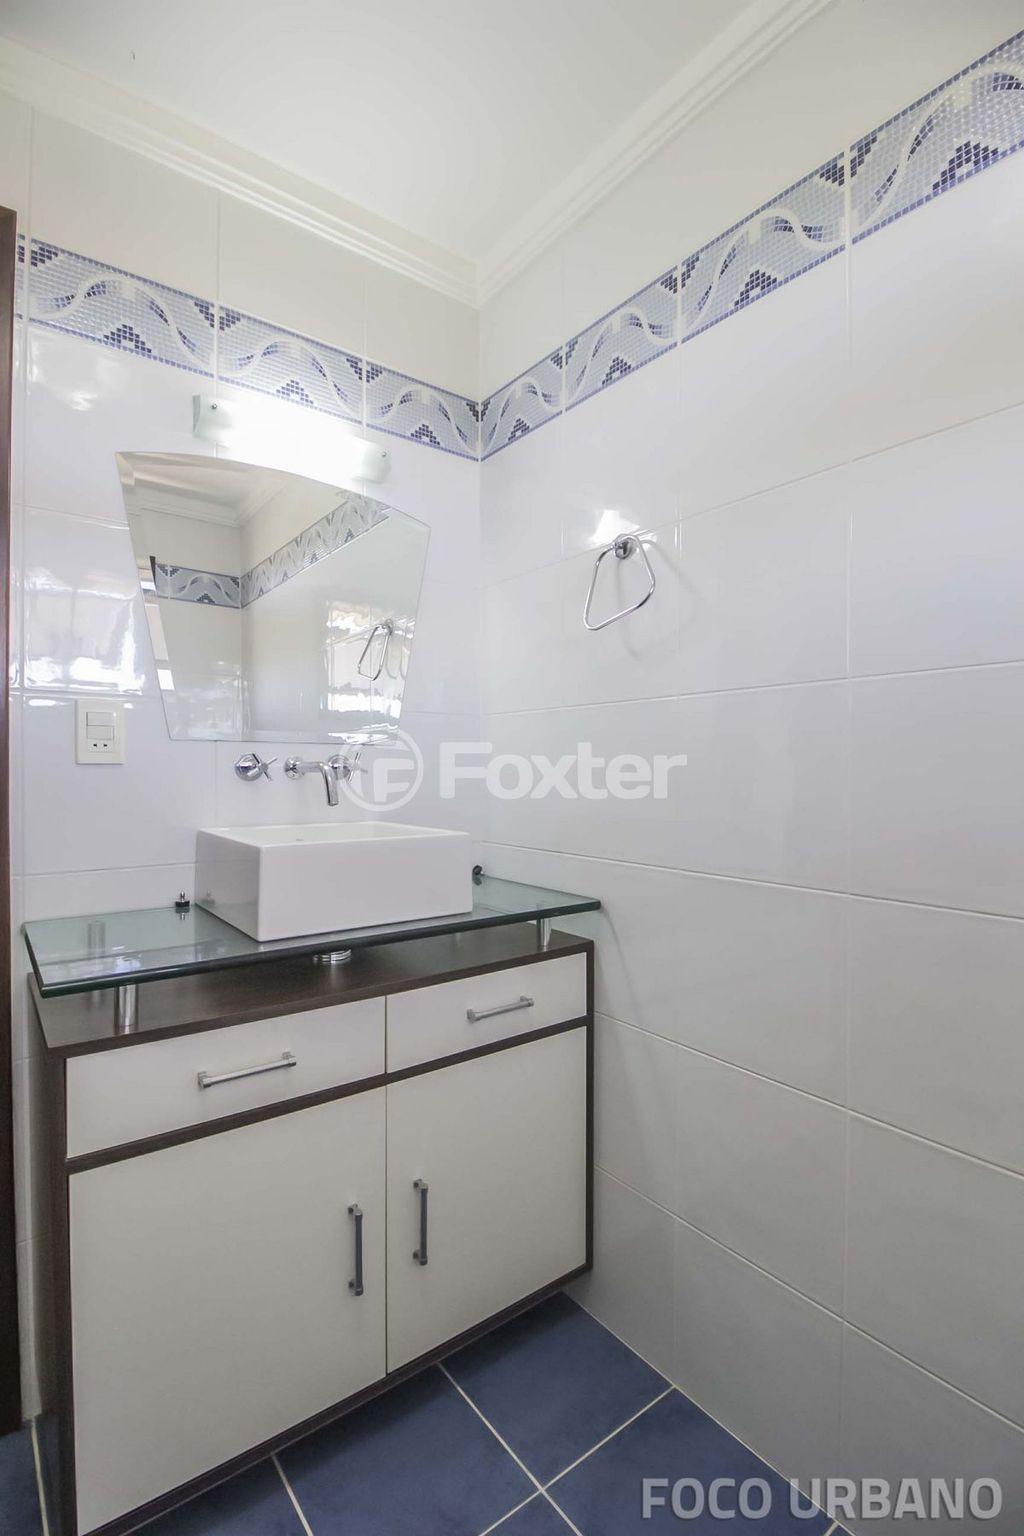 Foxter Imobiliária - Cobertura 3 Dorm (135857) - Foto 14